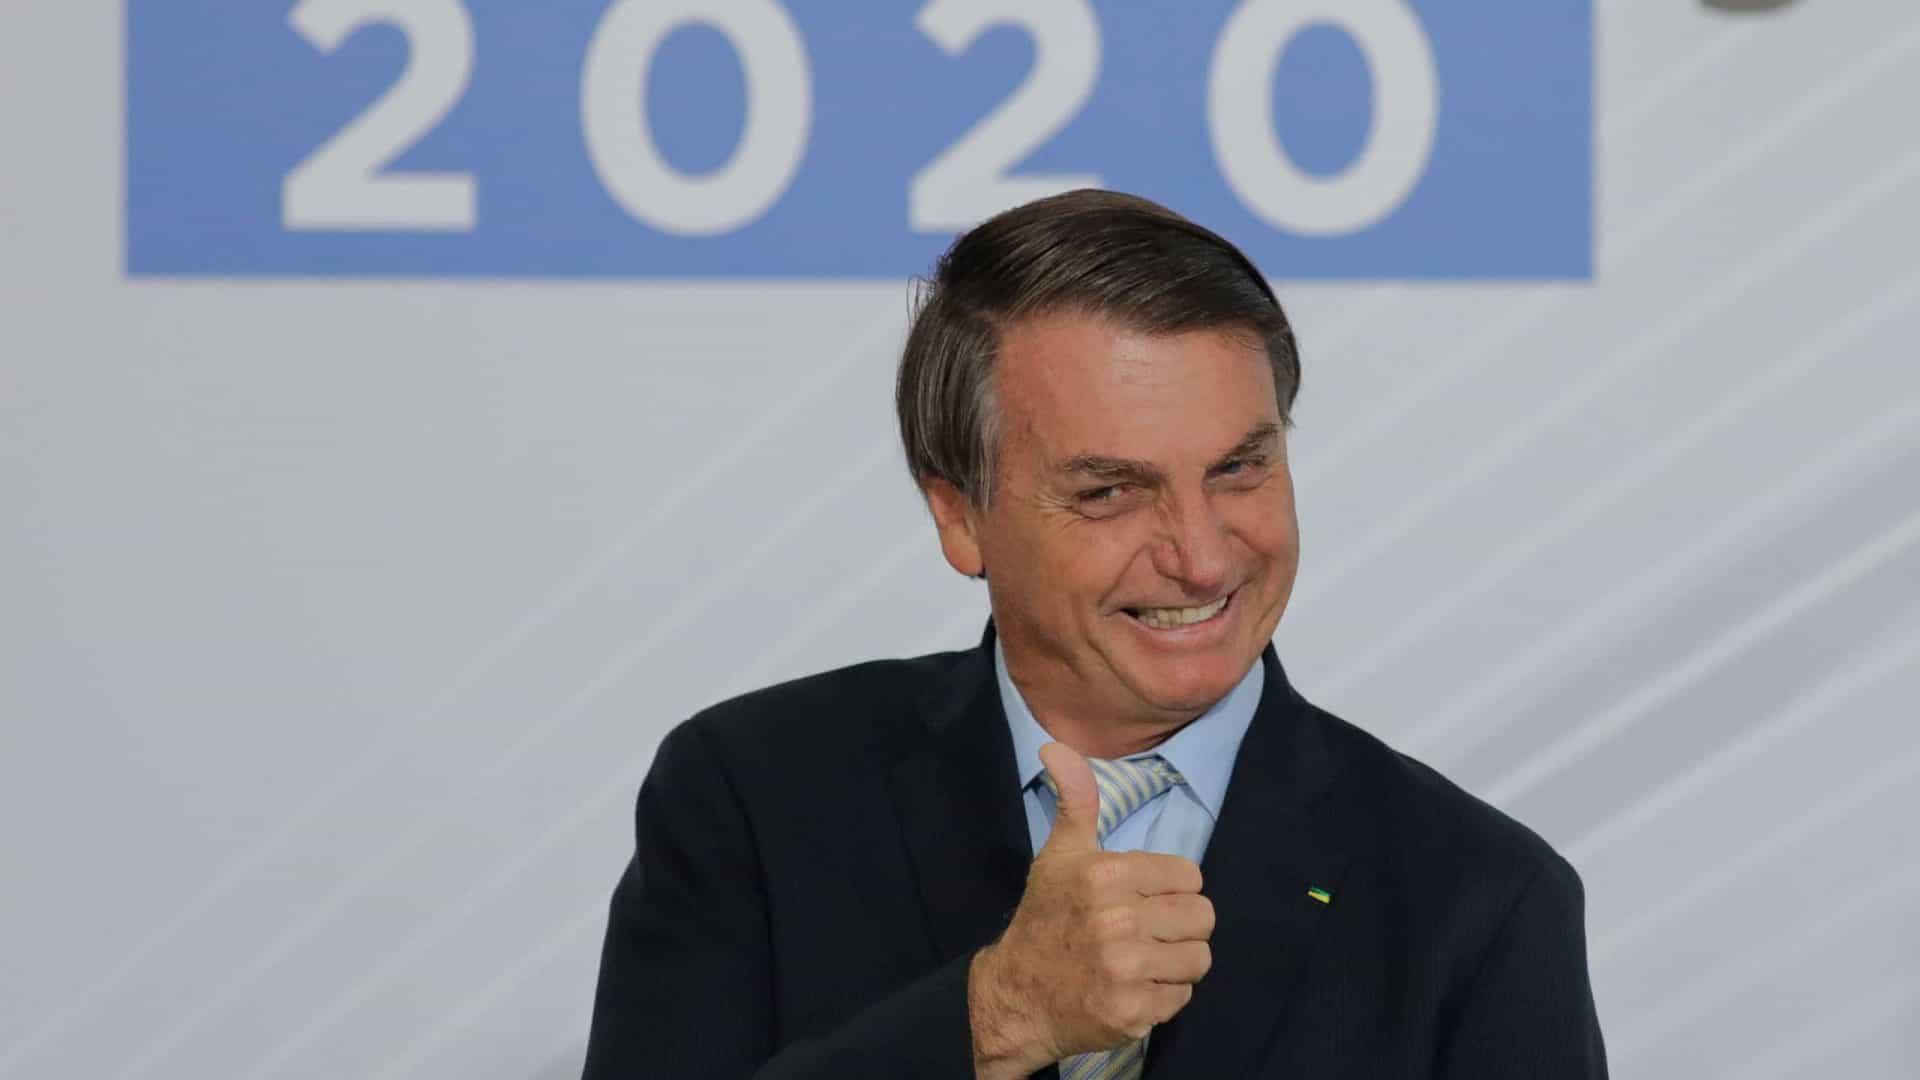 naom 5fd38e9dca127 - Se a gente não tiver voto impresso, pode esquecer eleição de 22, diz Bolsonaro a apoiadores